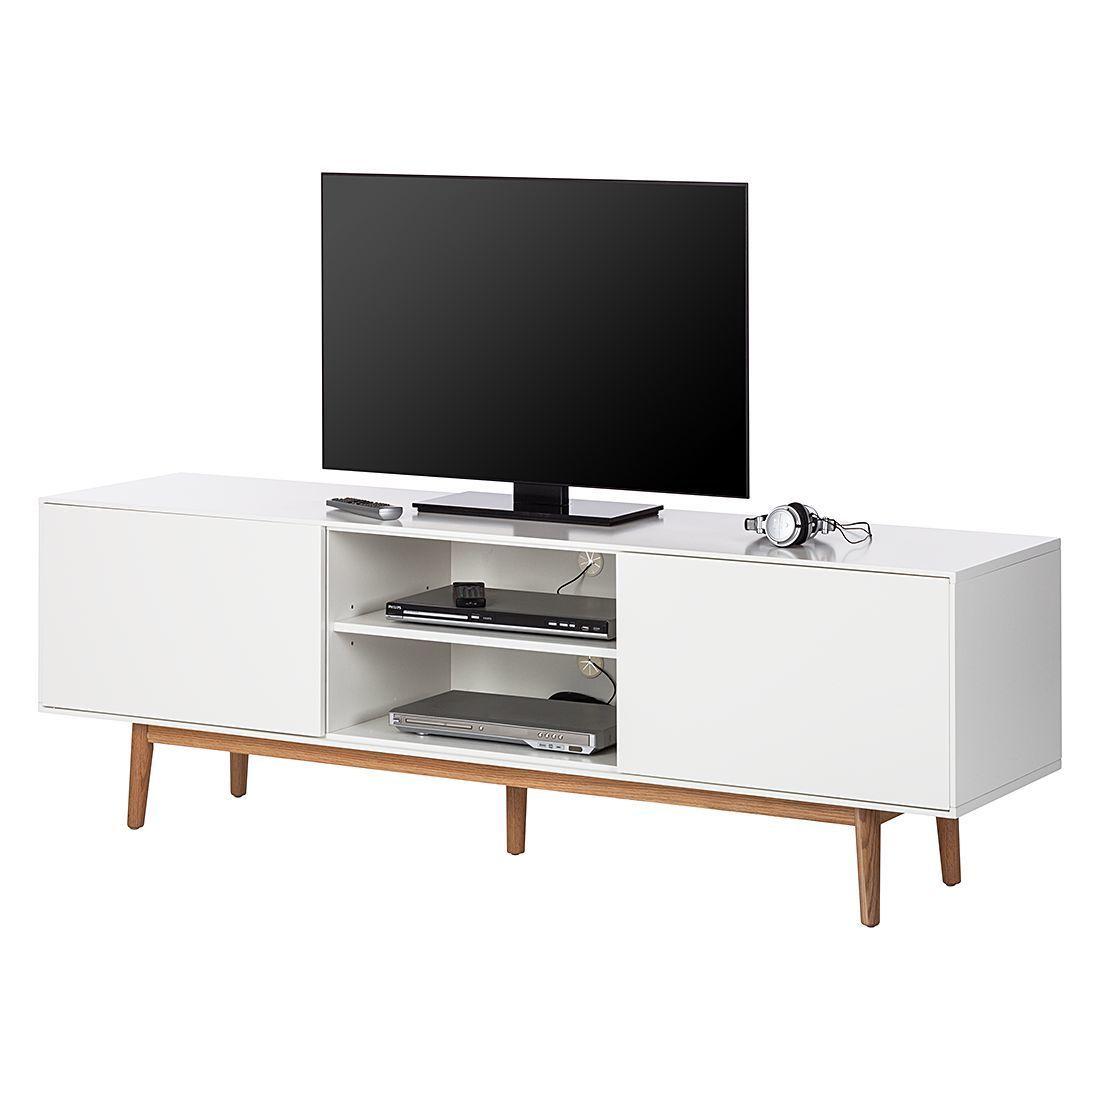 Morteens Möbel tv lowboard lindholm eiche teilmassiv weiß eiche morteens